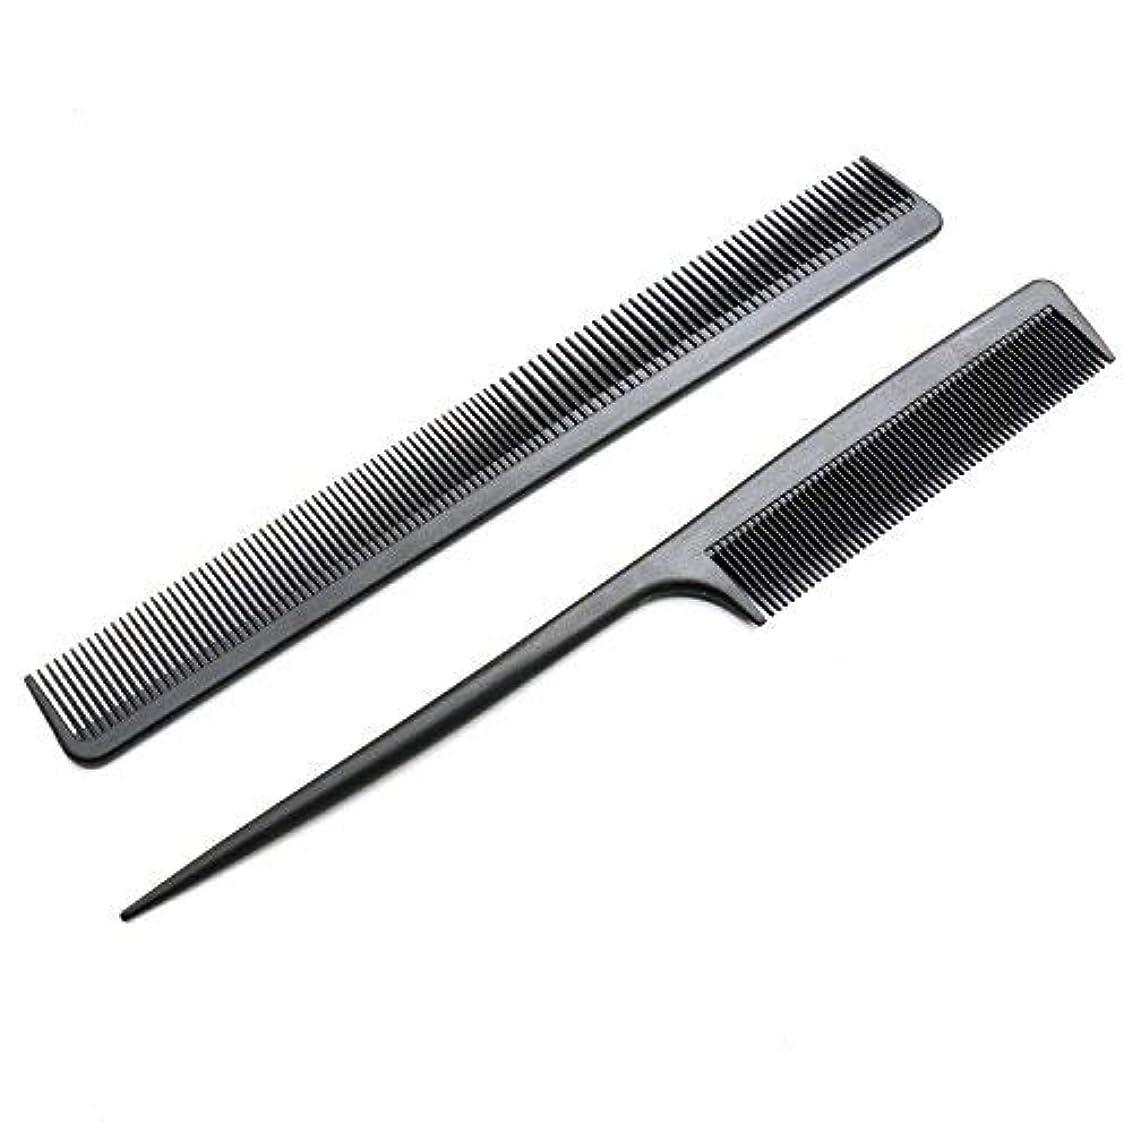 評価する緊張するに慣れ2 Pack Carbon Fiber Anti Static Chemical And Heat Resistant Tail Comb For All Hair Types,Black [並行輸入品]